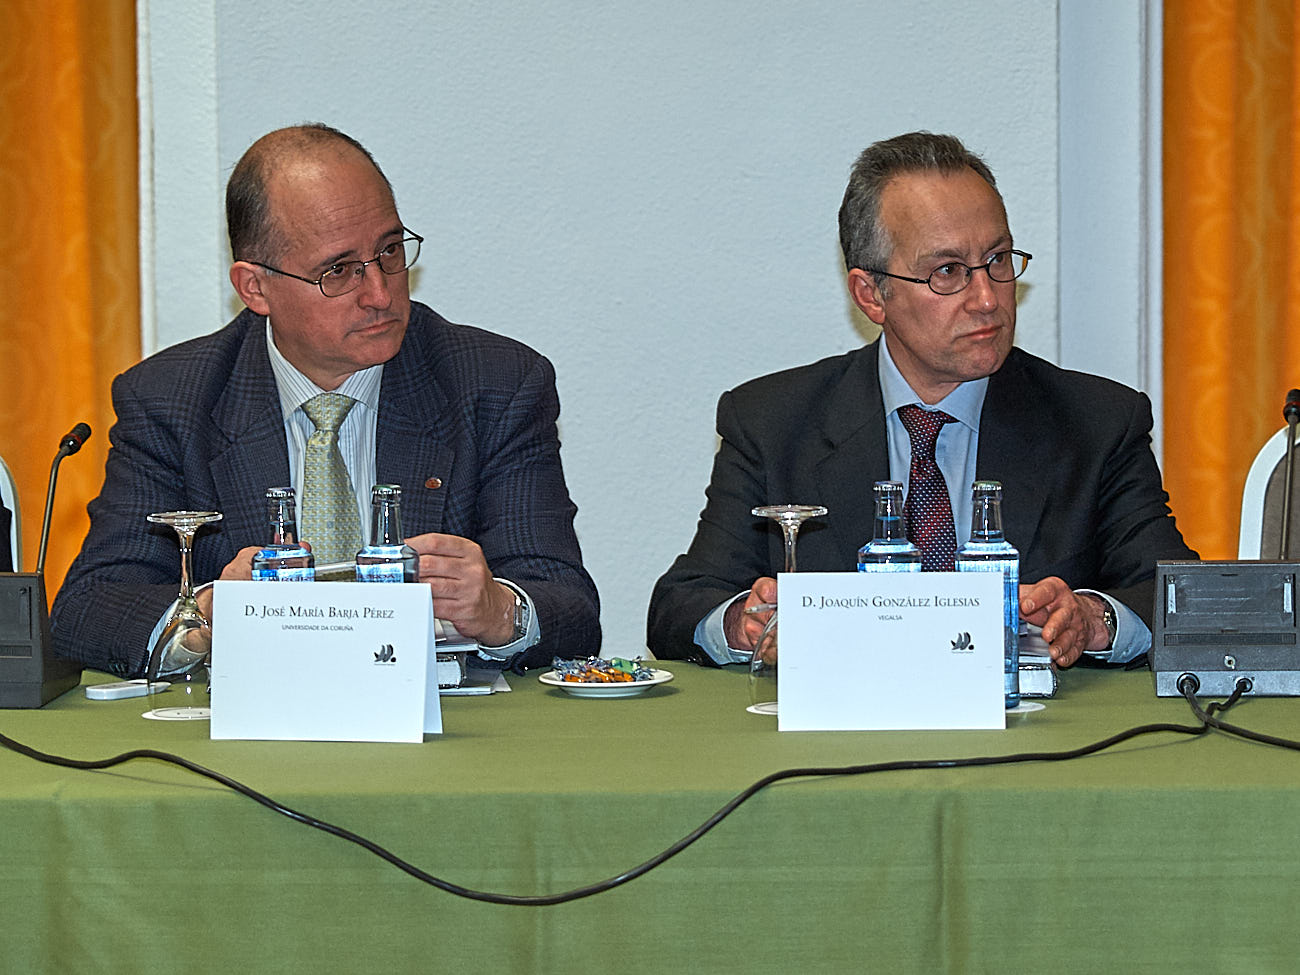 Foro Economía e Identidade celebrado na Toxa - Foro Peinador 20/02/2009